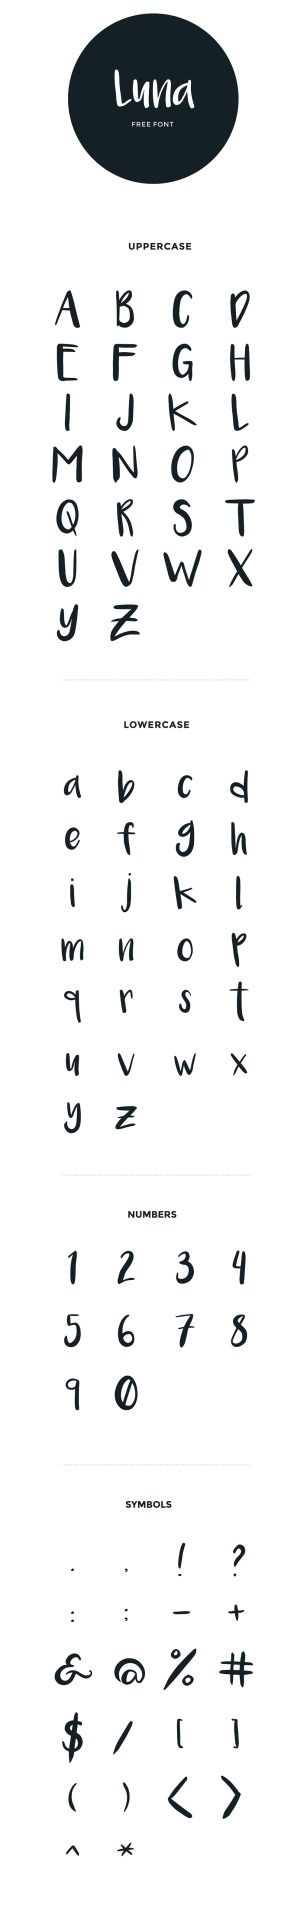 Fonts i Like | Fonts i Have | Fonts i Want - Luna - handwritten brush font